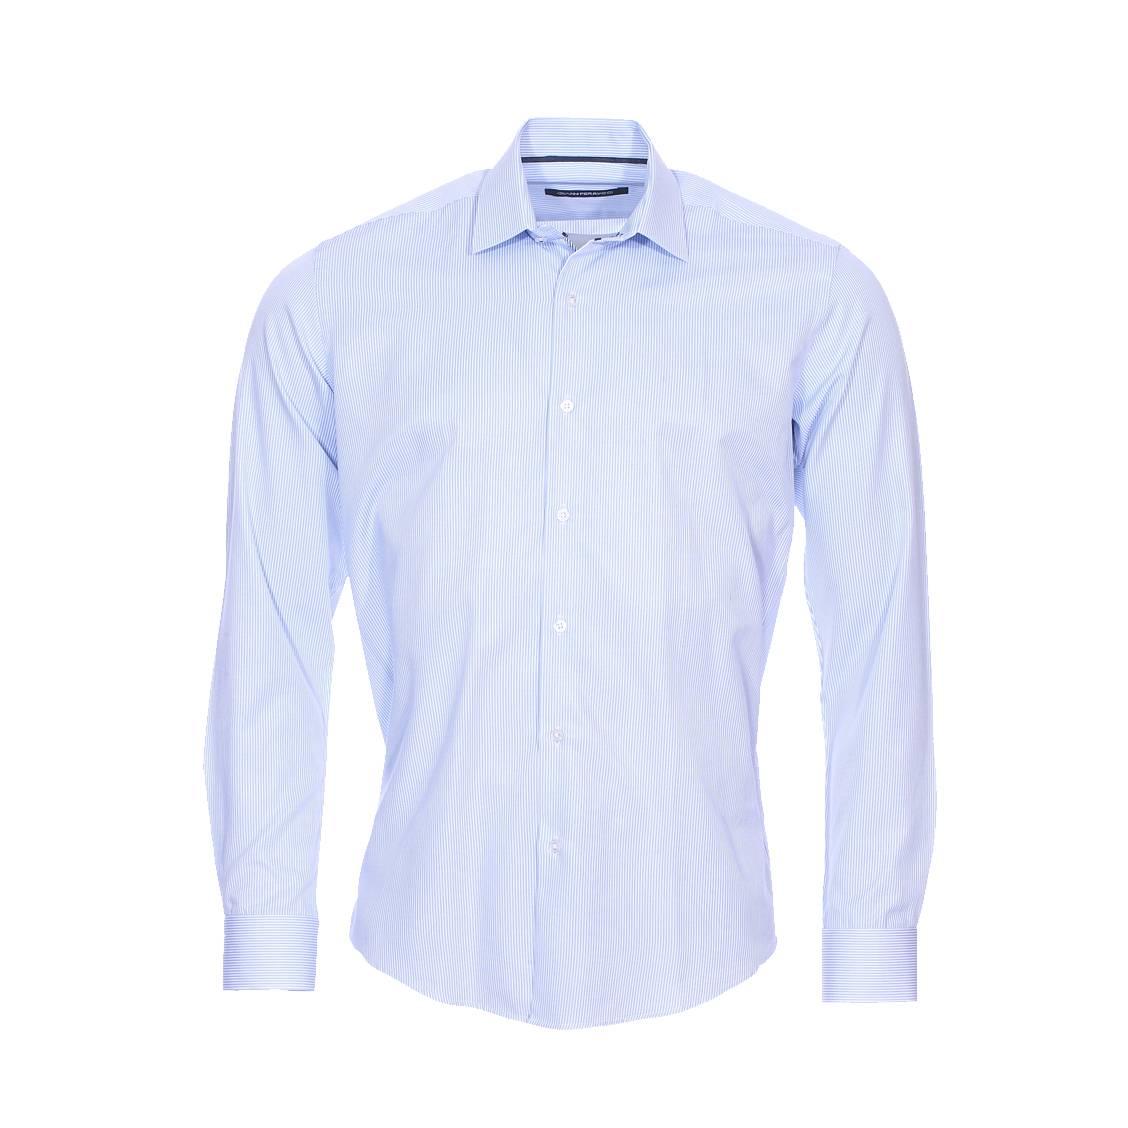 Chemise cintrée  en coton à rayures blanches et bleu ciel